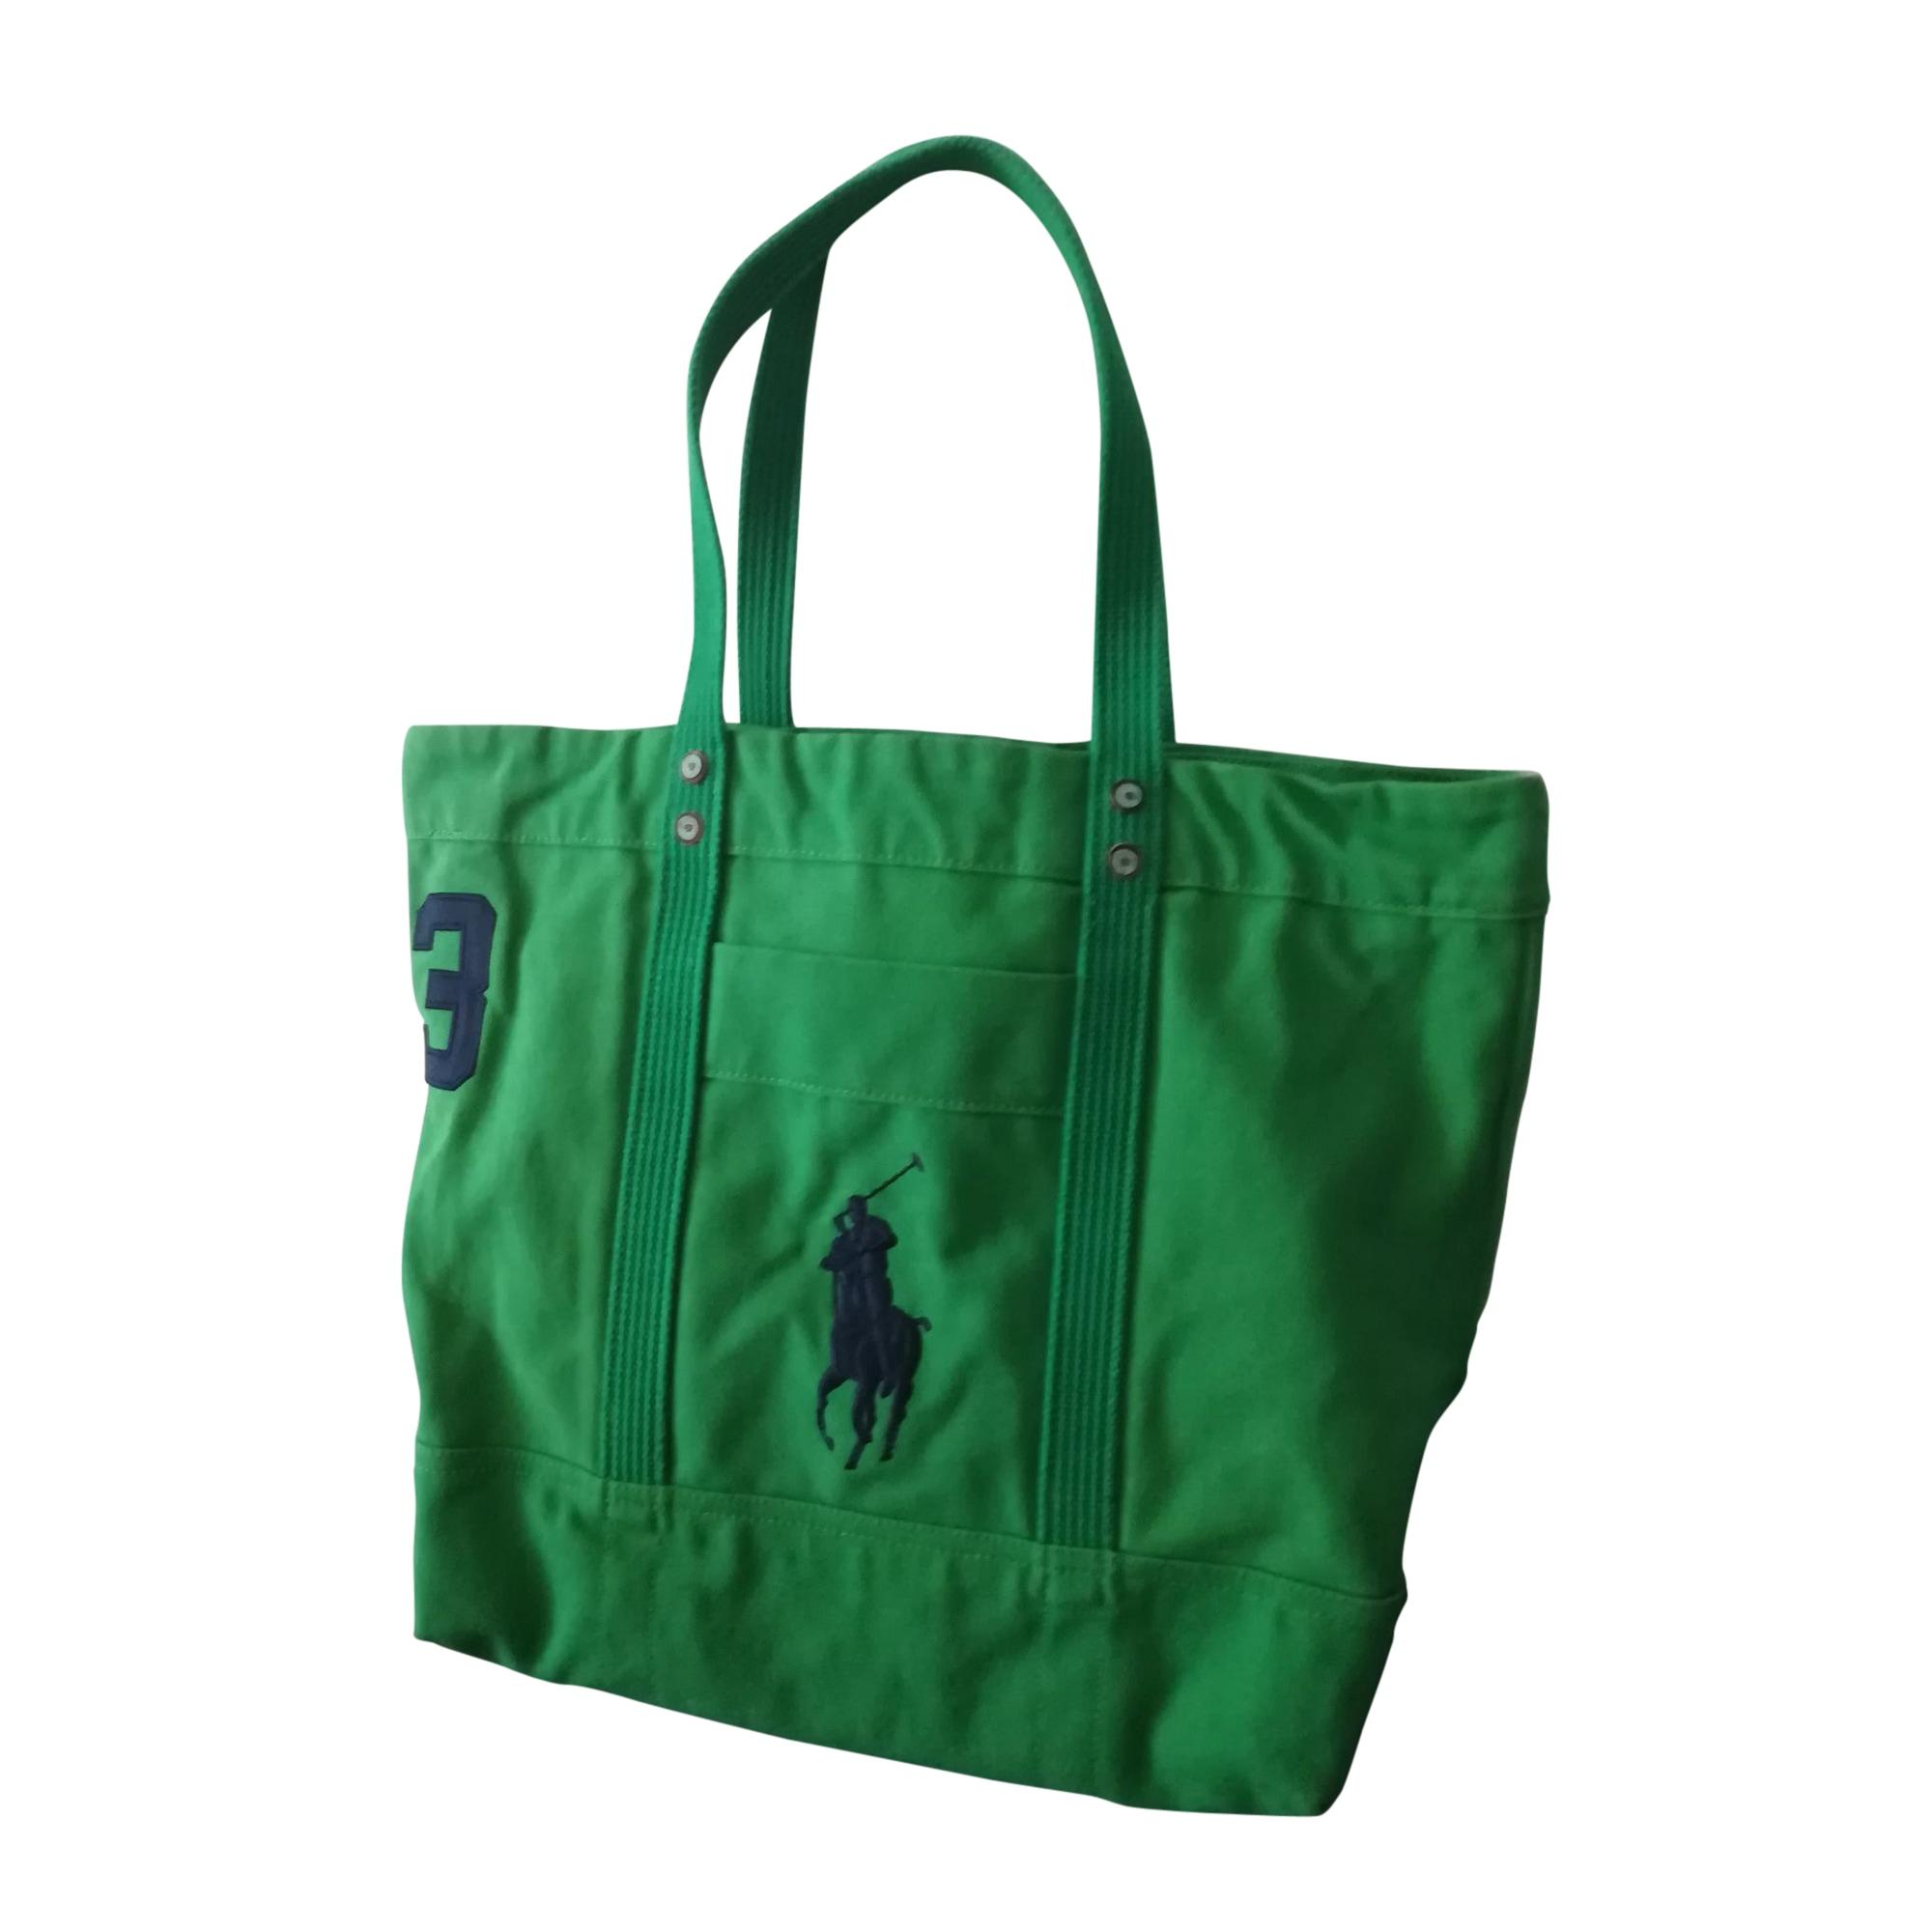 f68de6d1dafd Non-Leather Oversize Bag RALPH LAUREN green vendu par Celine 7245 ...